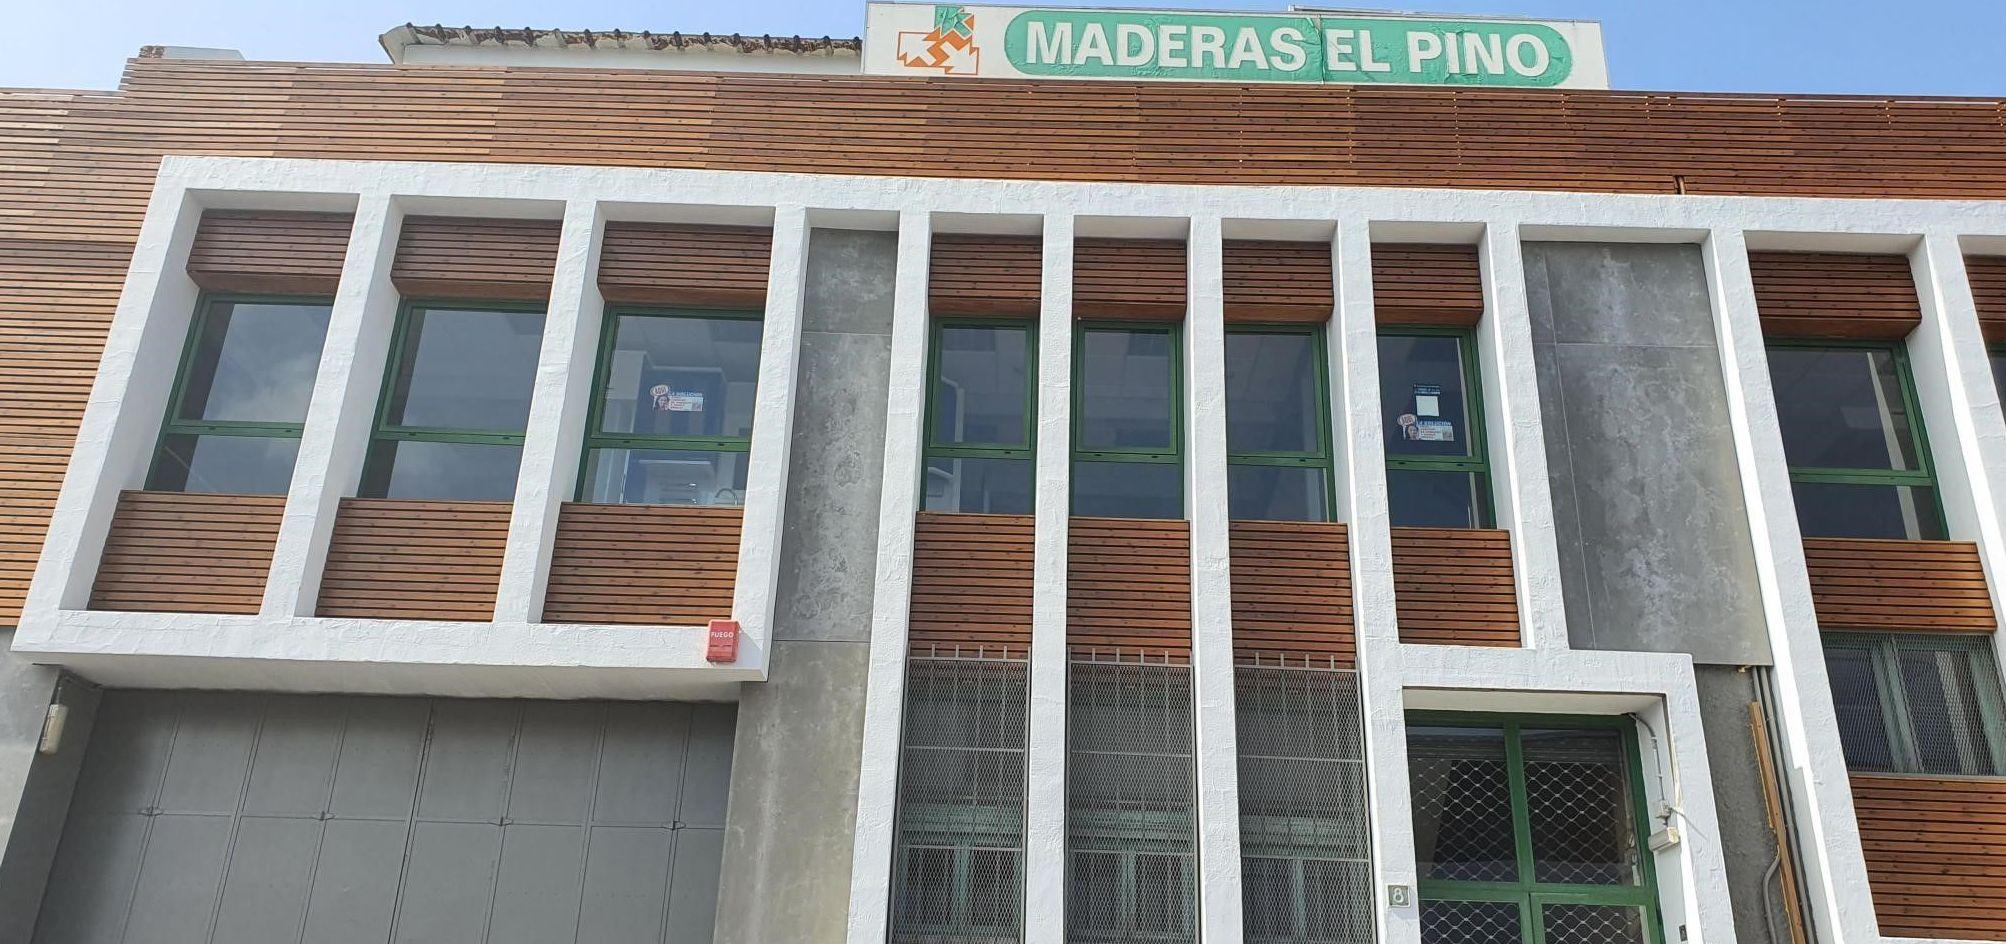 REVESTIMIENTO DE FACHADA EN MADERA CON TRATAMIENTO PARA EXTERIOR